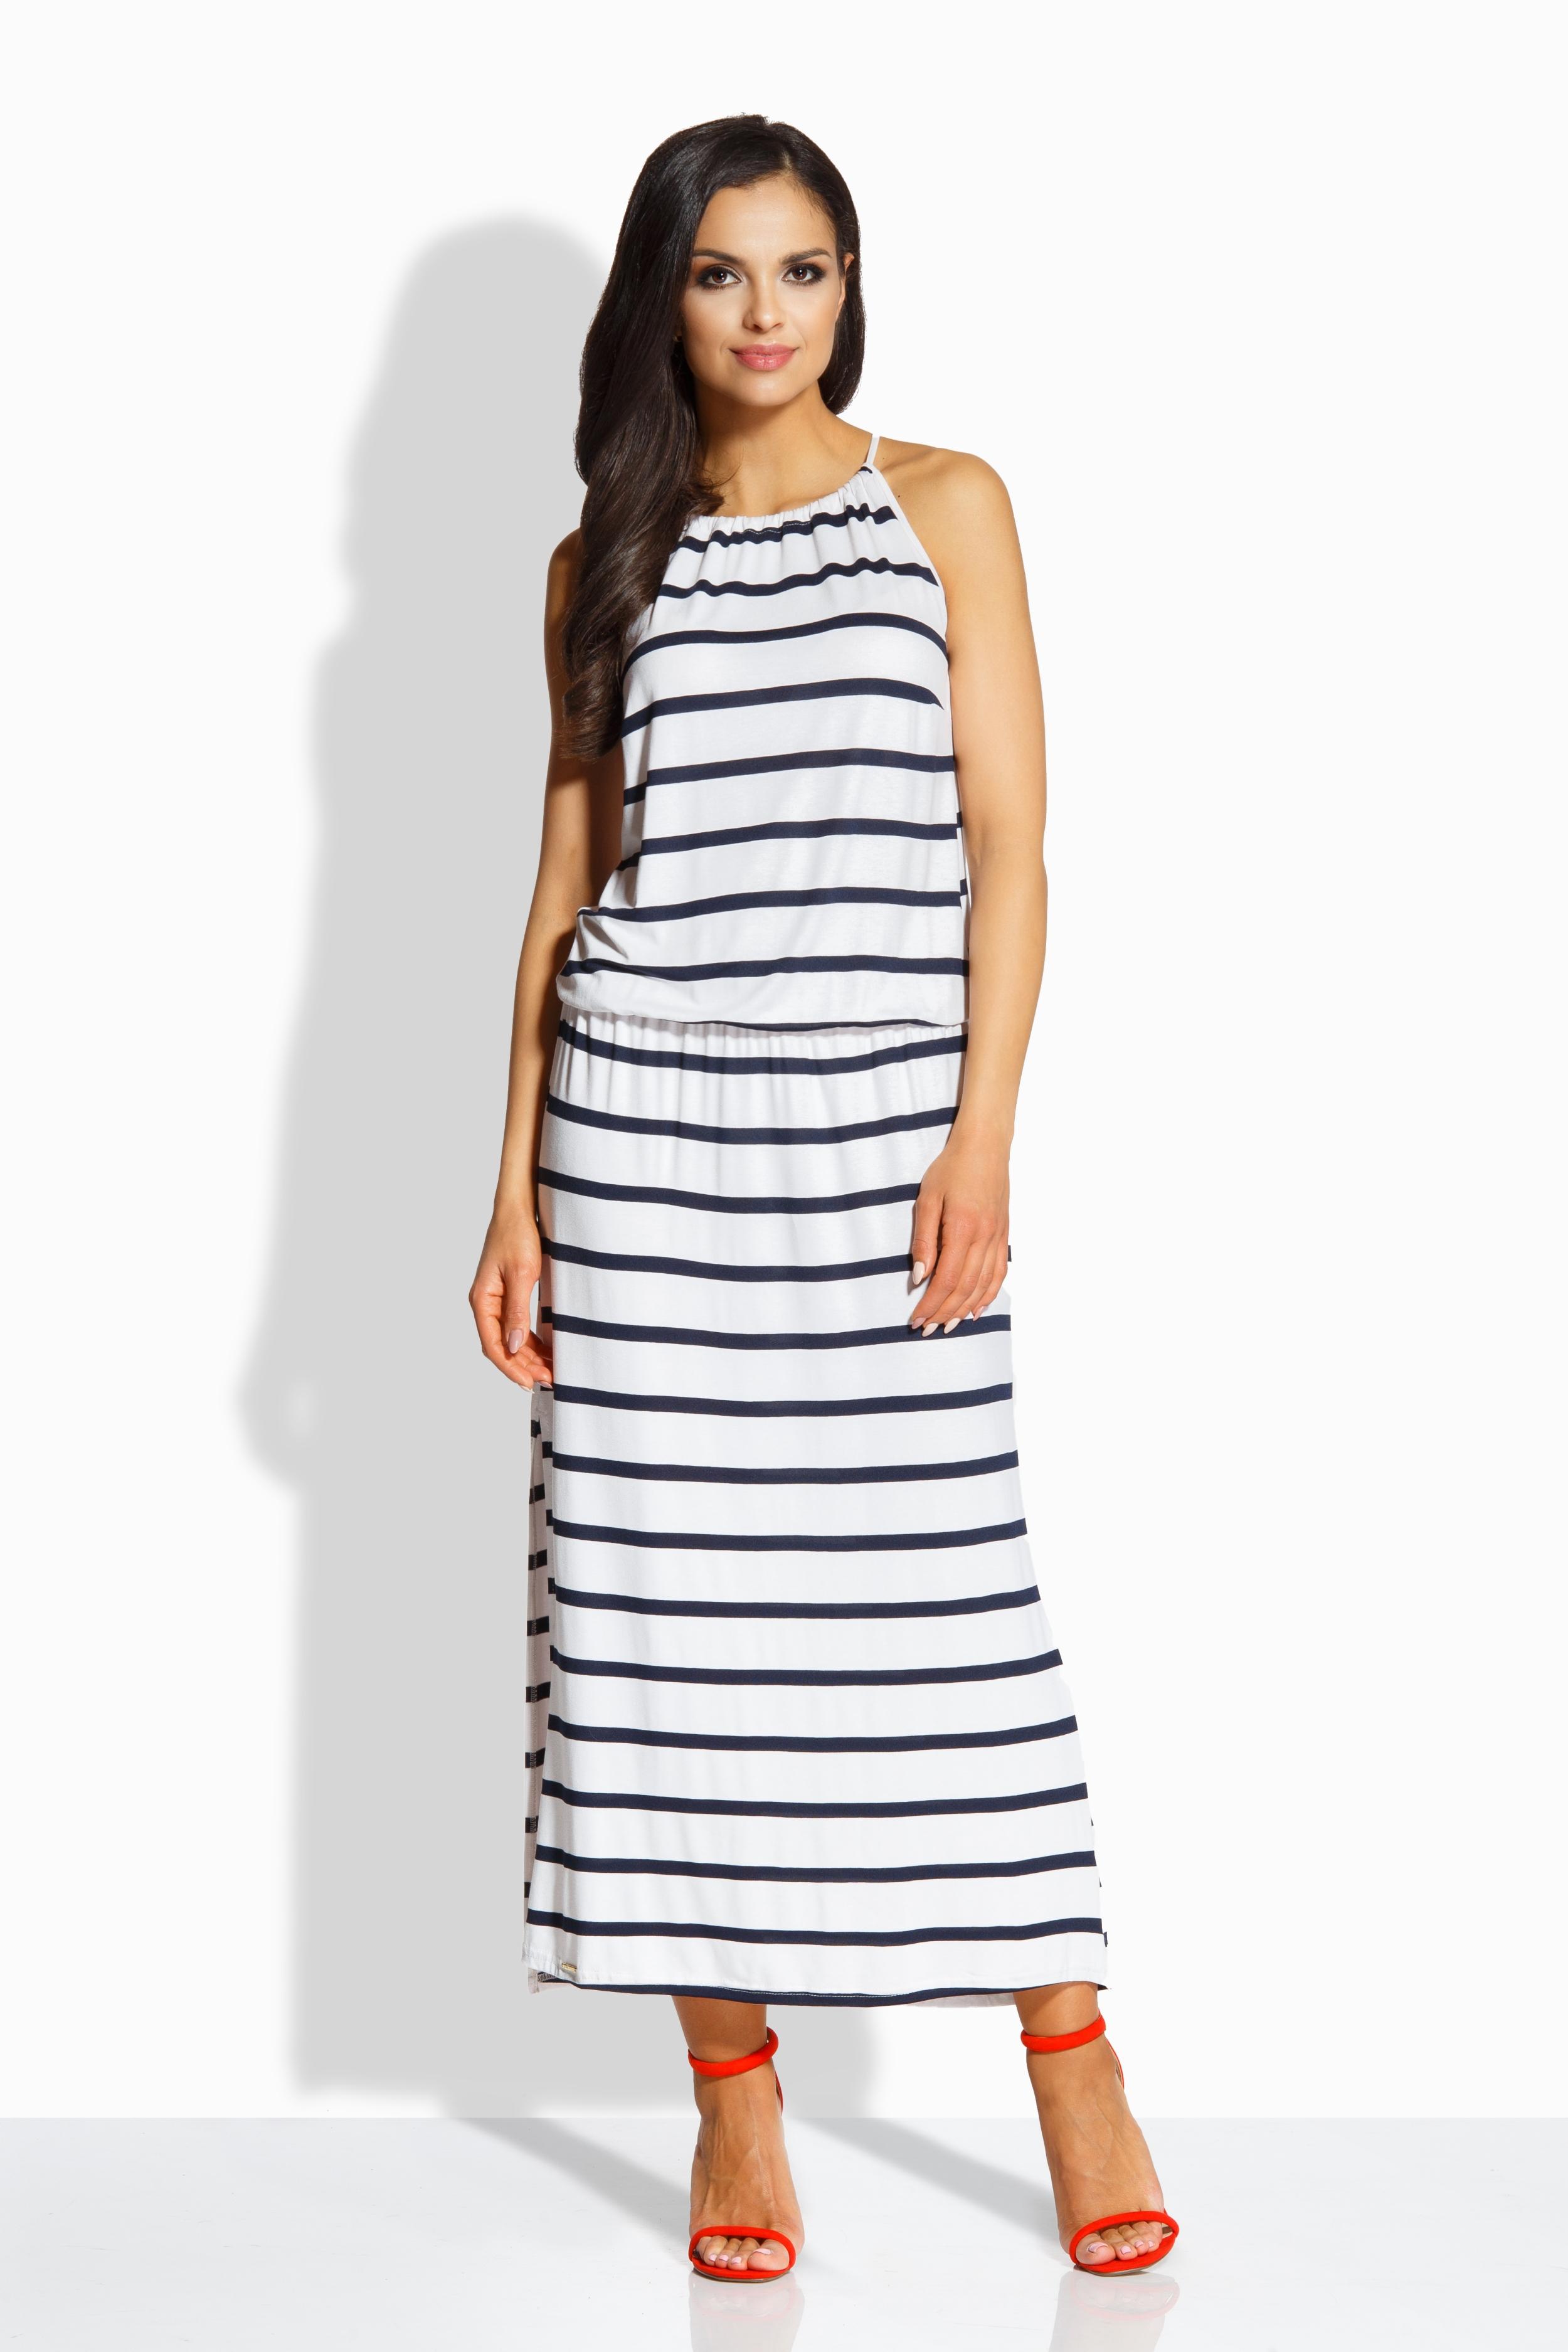 Dlouhé letní šaty LEMONIADE L213 bílé s pruhy